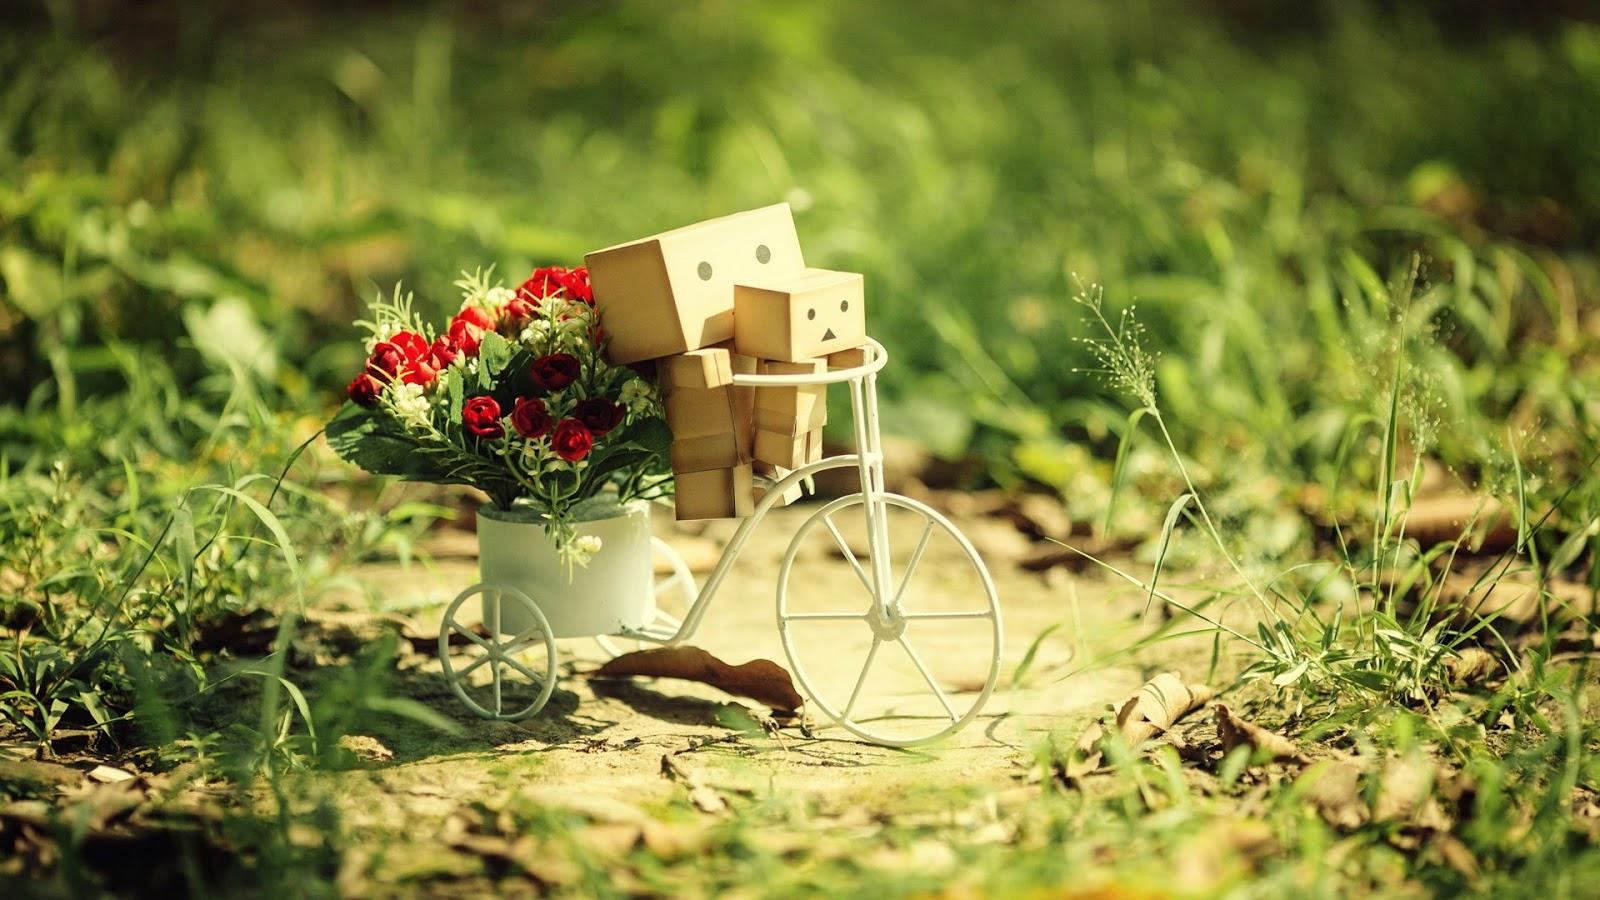 Hình nền tình yêu – Anh chở em trên chiếc xe đạp xinh